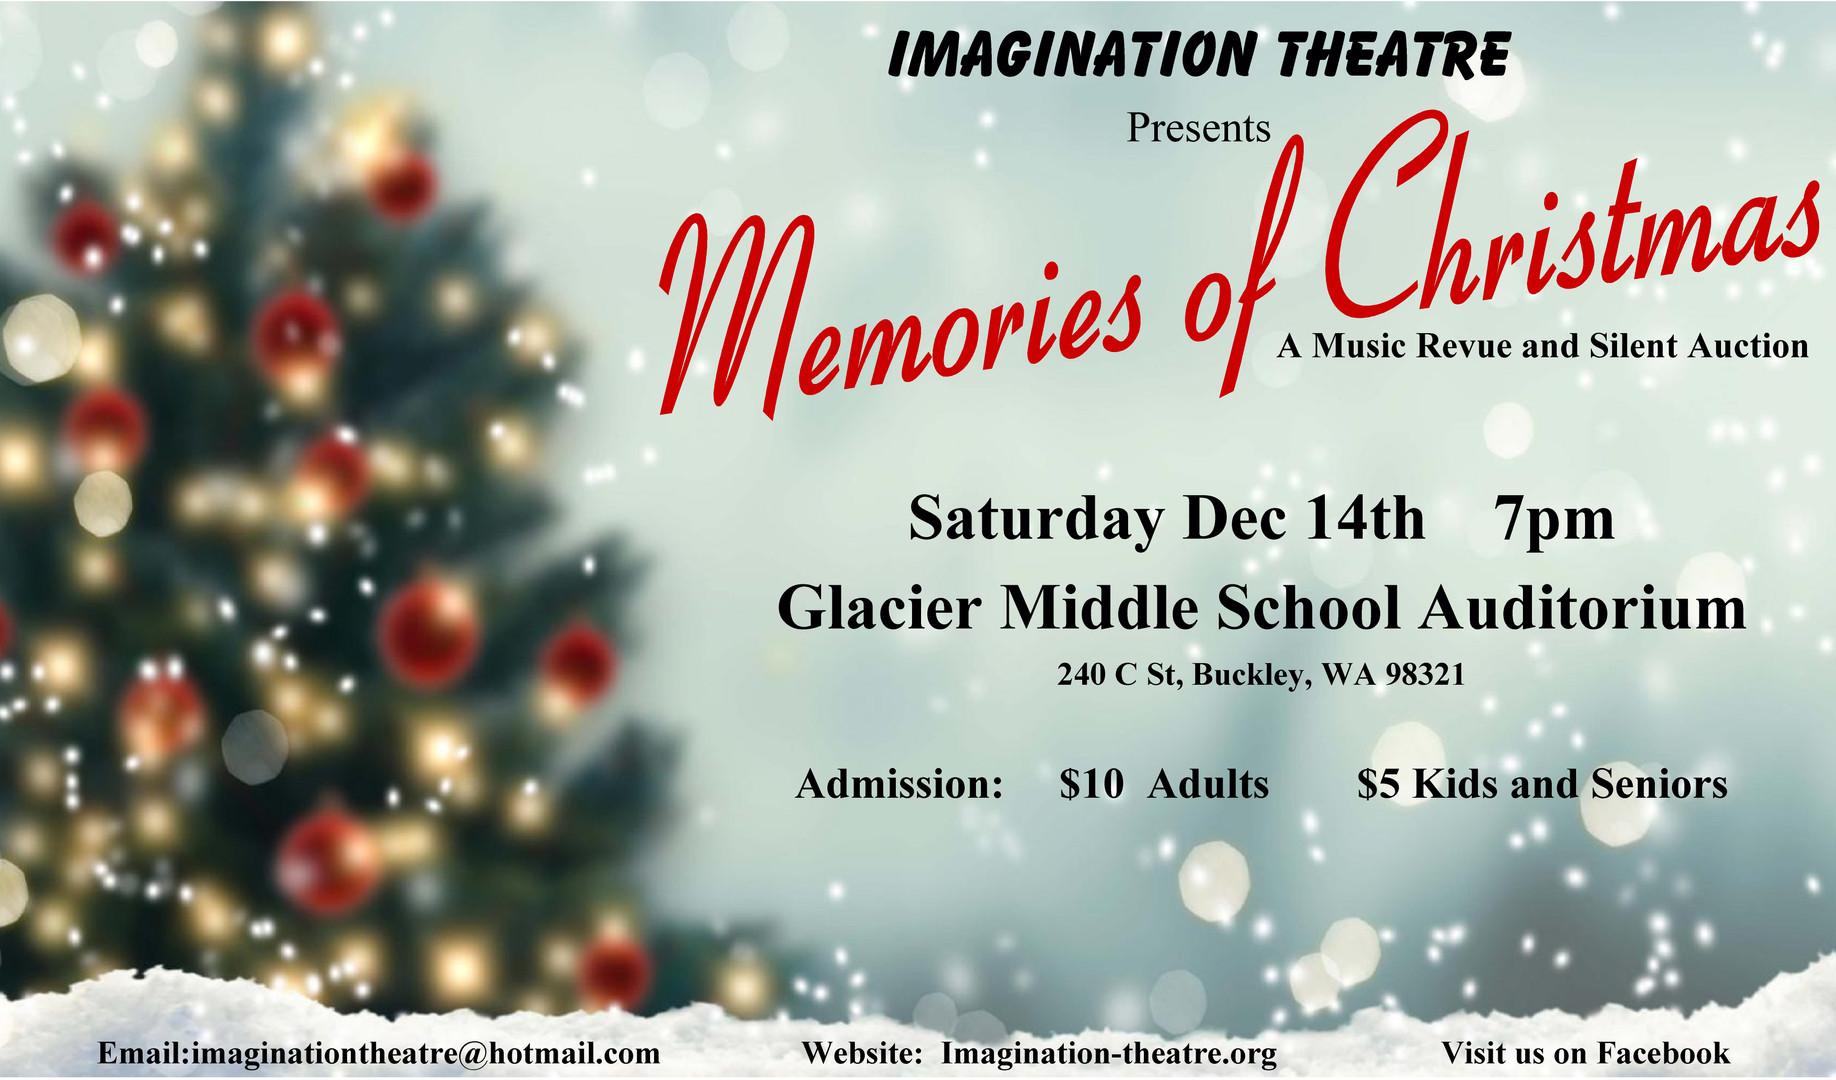 Memoriesofchristmas poster.jpg